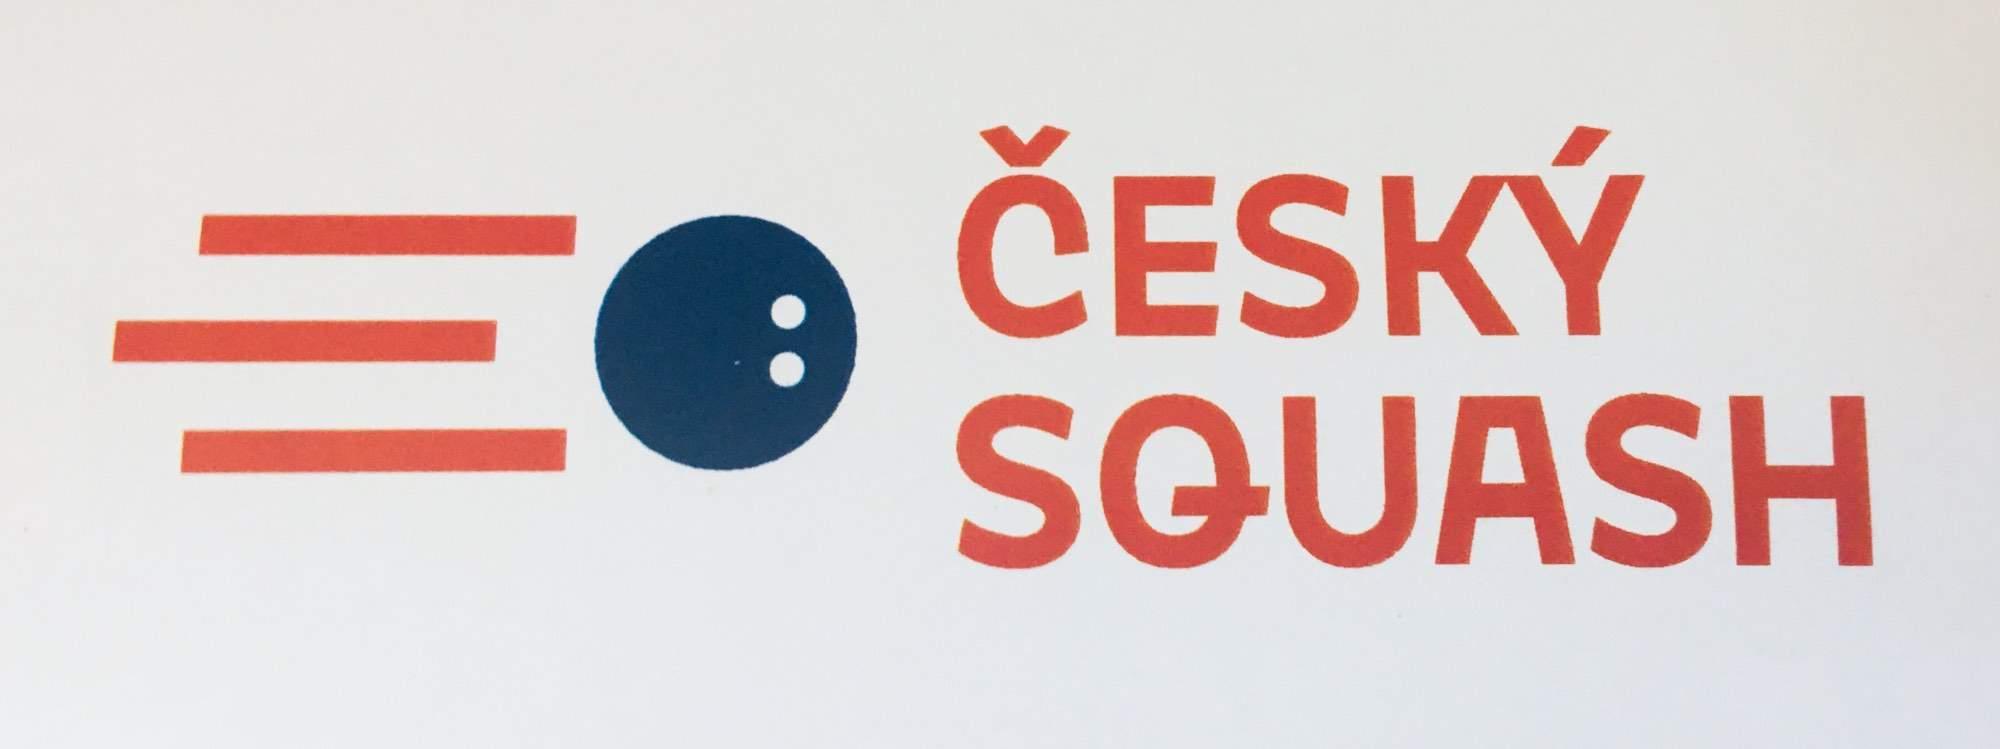 Začíná mistroství světa České republiky ve squashi, autor: Klára Beranová